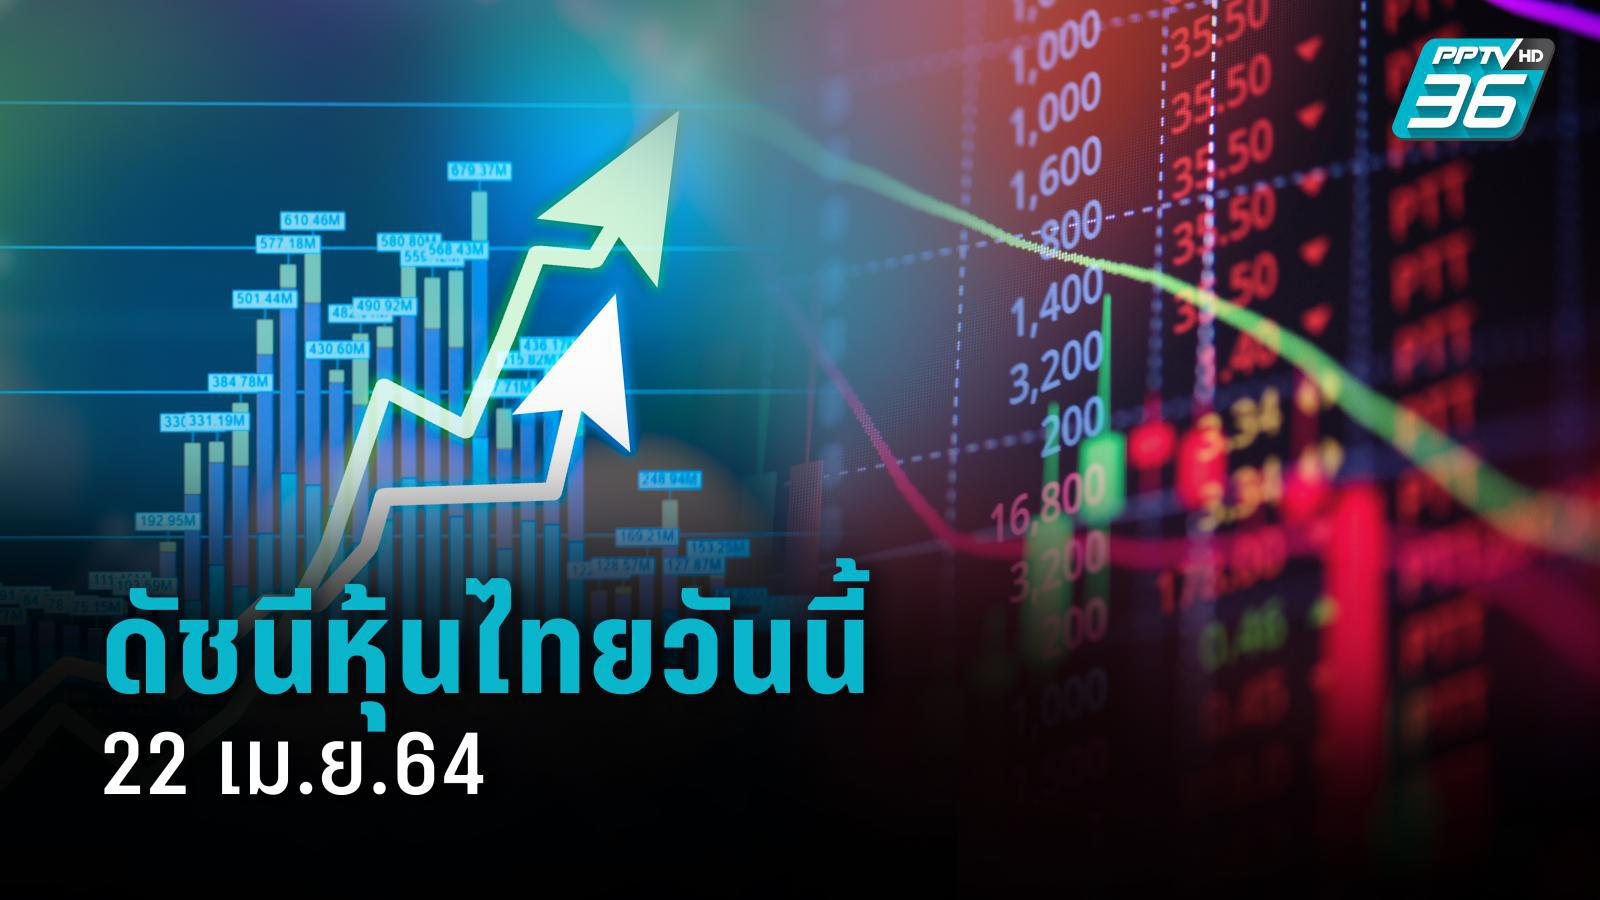 หุ้นไทย (22 เม.ย.64) ปิดซื้อขายที่ระดับ 1,568.21จุด ลดลง -11.80 จุด